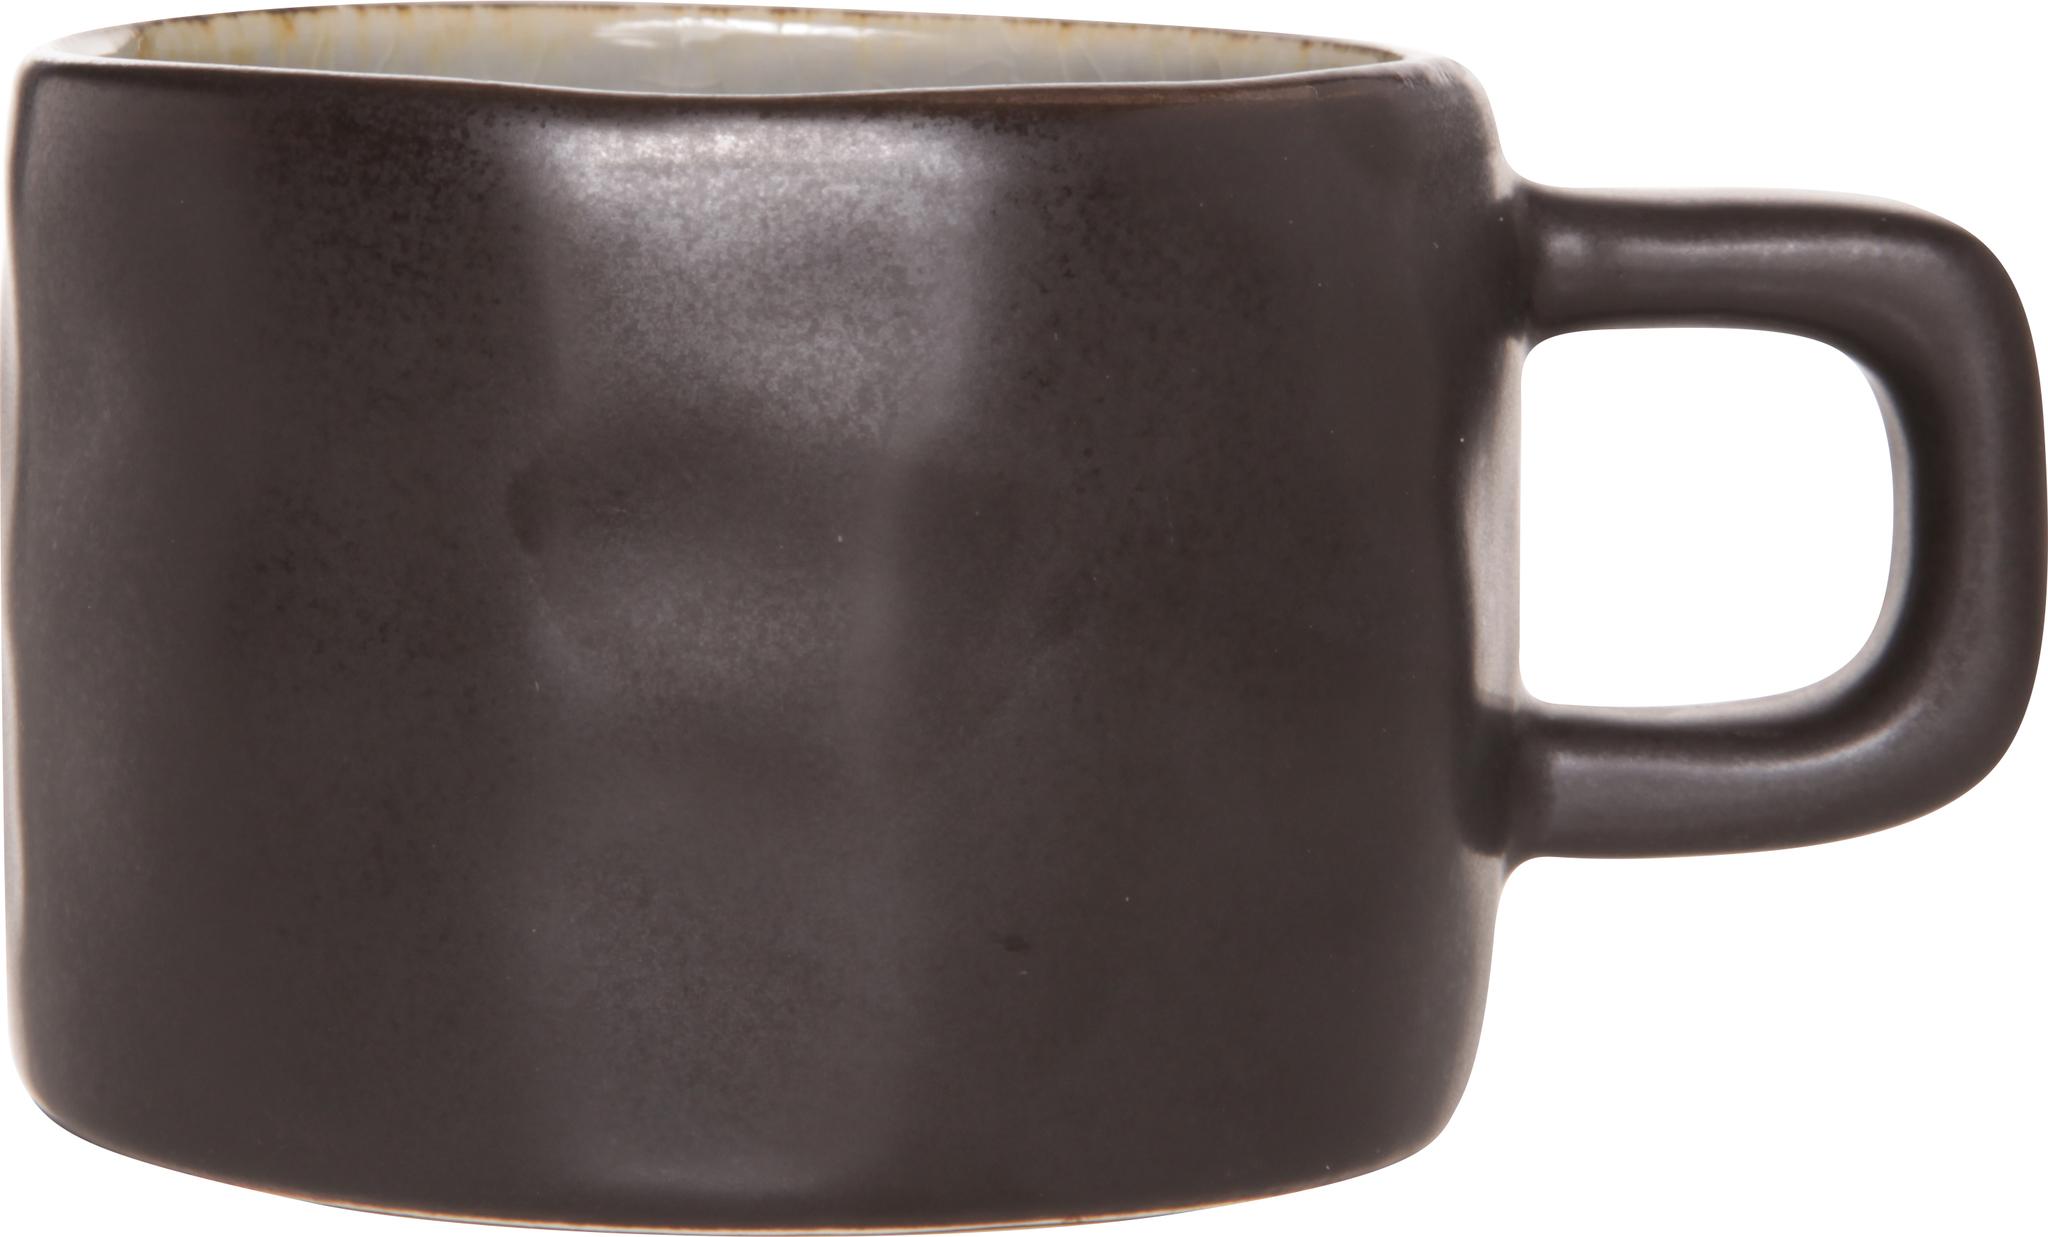 Чашка 8,5х6 см COSY&amp;TRENDY Laguna blue-grey 5556326Кружки и чашки<br>Чашка 8,5х6 см COSY&amp;TRENDY Laguna blue-grey 5556326<br><br>Эта коллекция из каменной керамики поражает удивительным цветом, текстурой и формой. Насыщенный ярко-серый оттенок с волнистым рельефом погружают в прибрежную лагуну. Органические края для дополнительного дизайна. Коллекция Laguna Blue-Grey воссоздает исключительный внешний вид приготовленных блюд.<br>